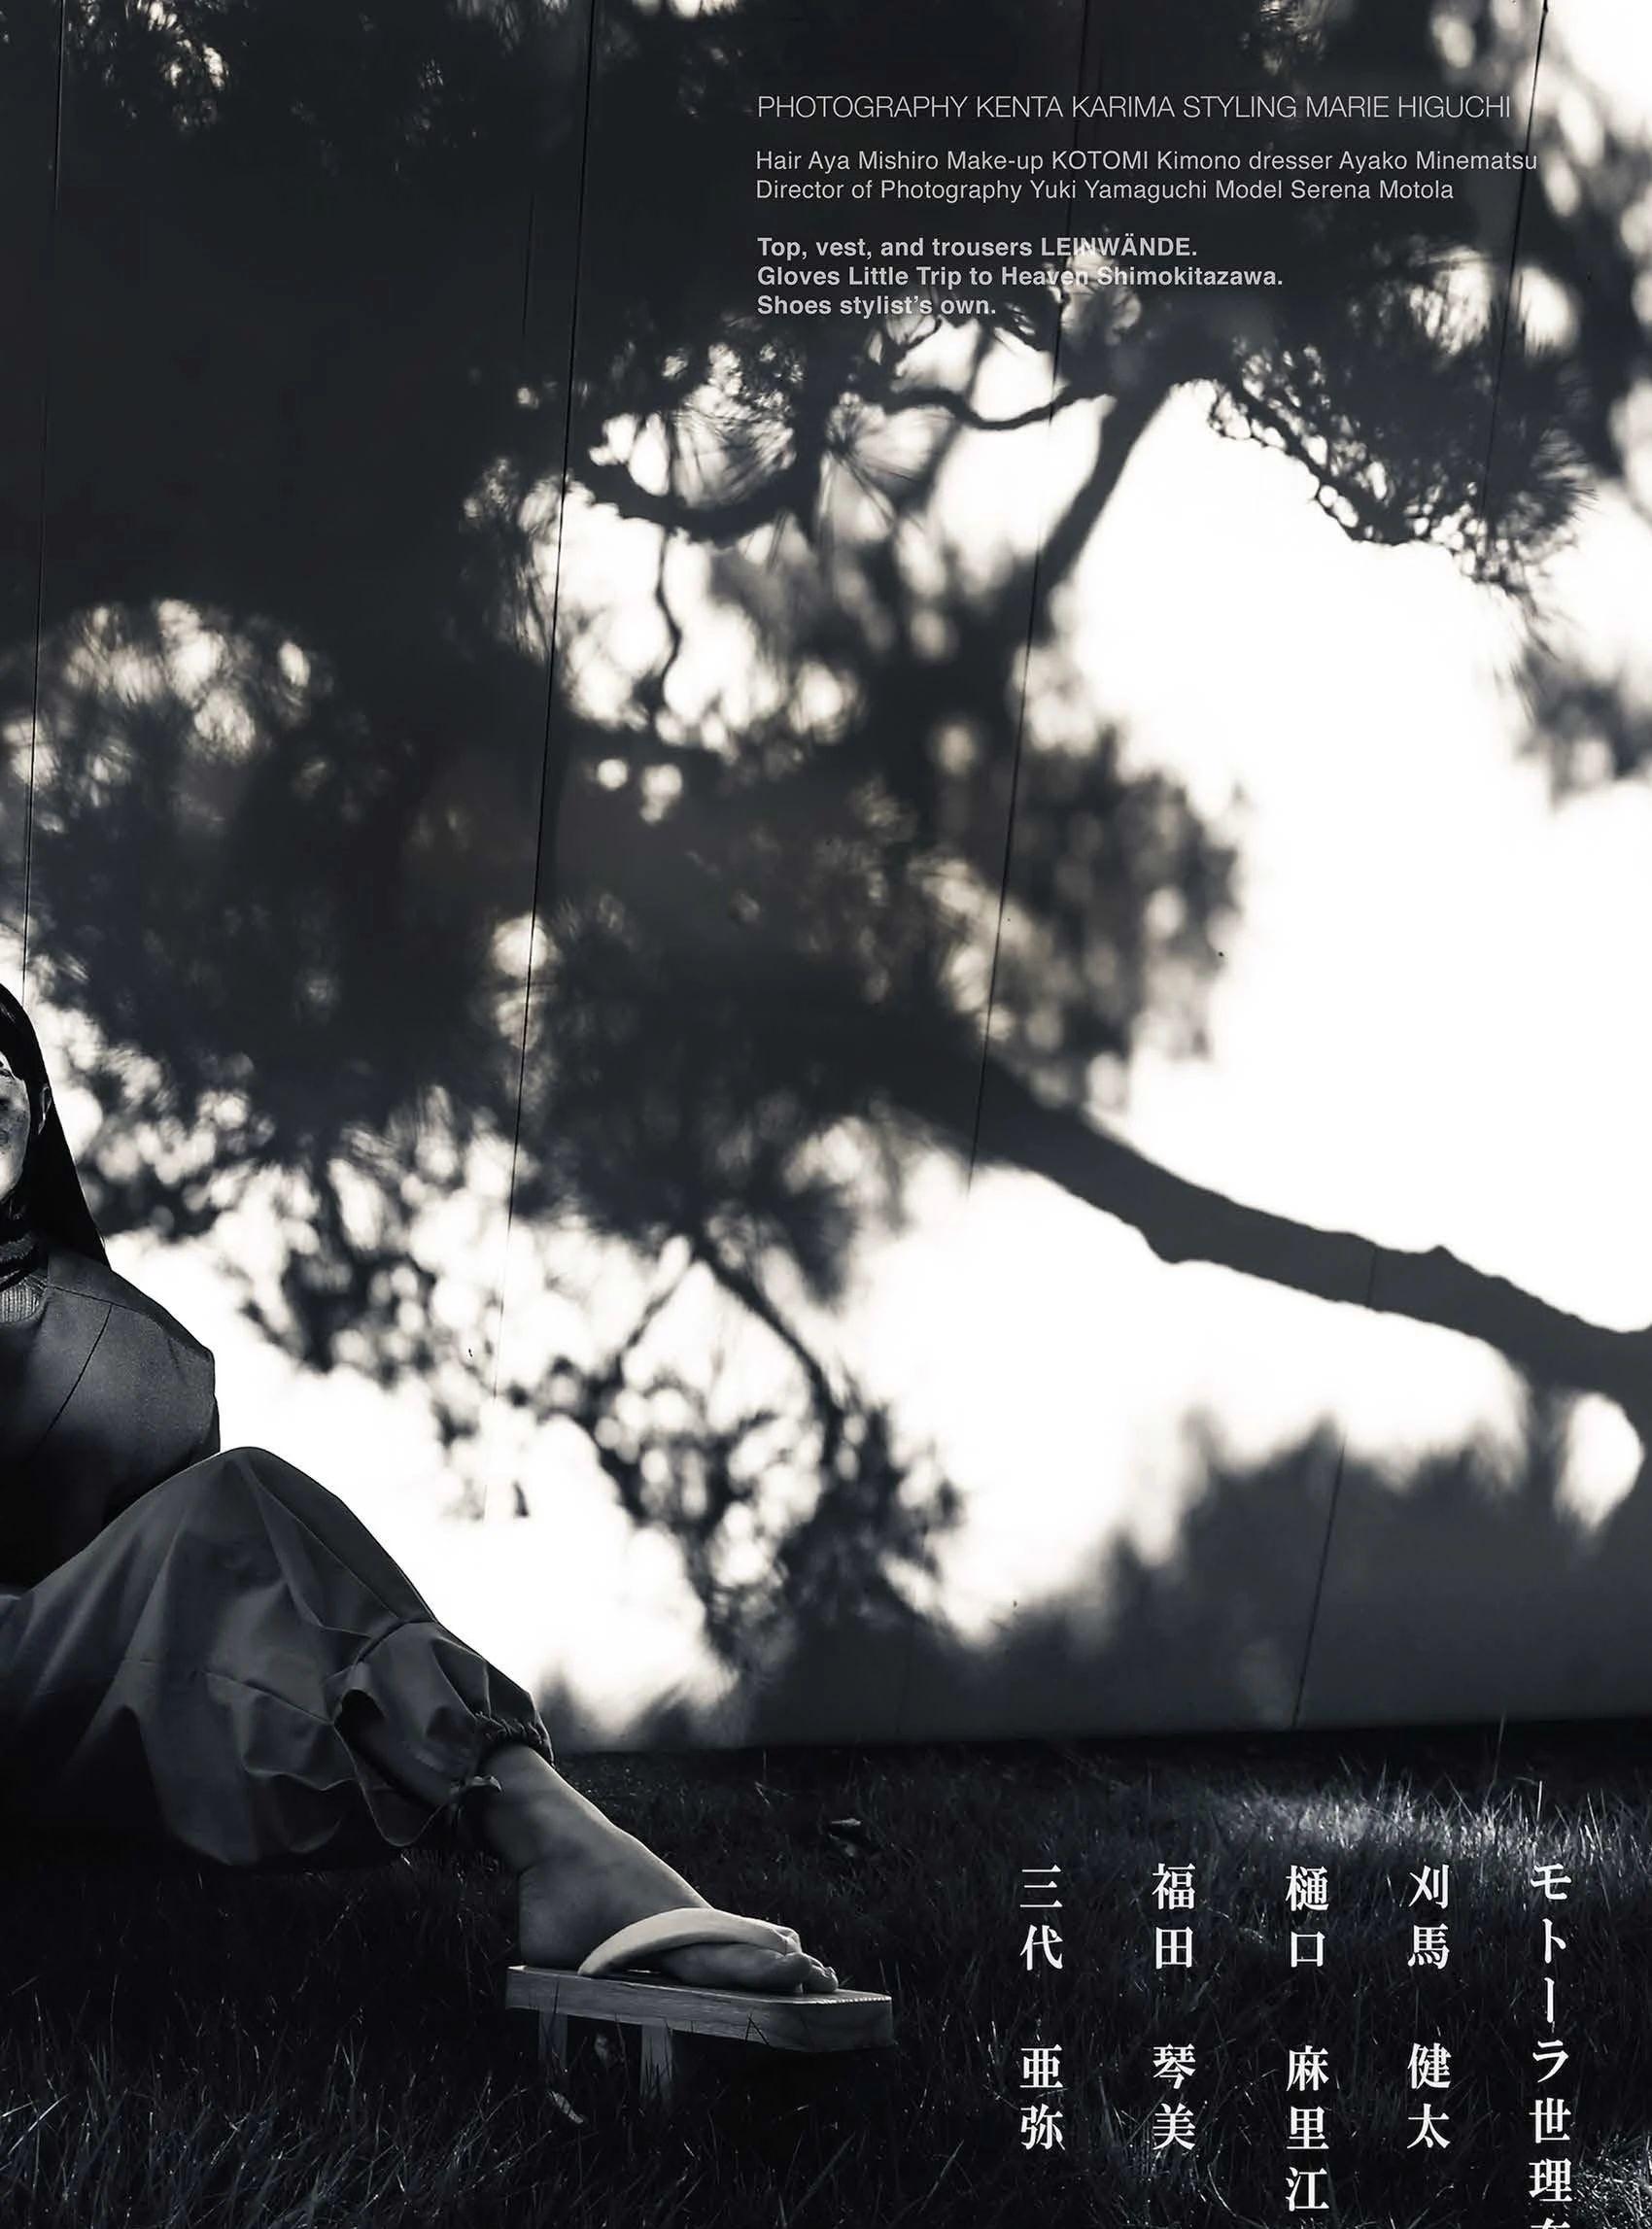 满脸雀斑却依旧很美的混血模特世理奈写真作品 (29)